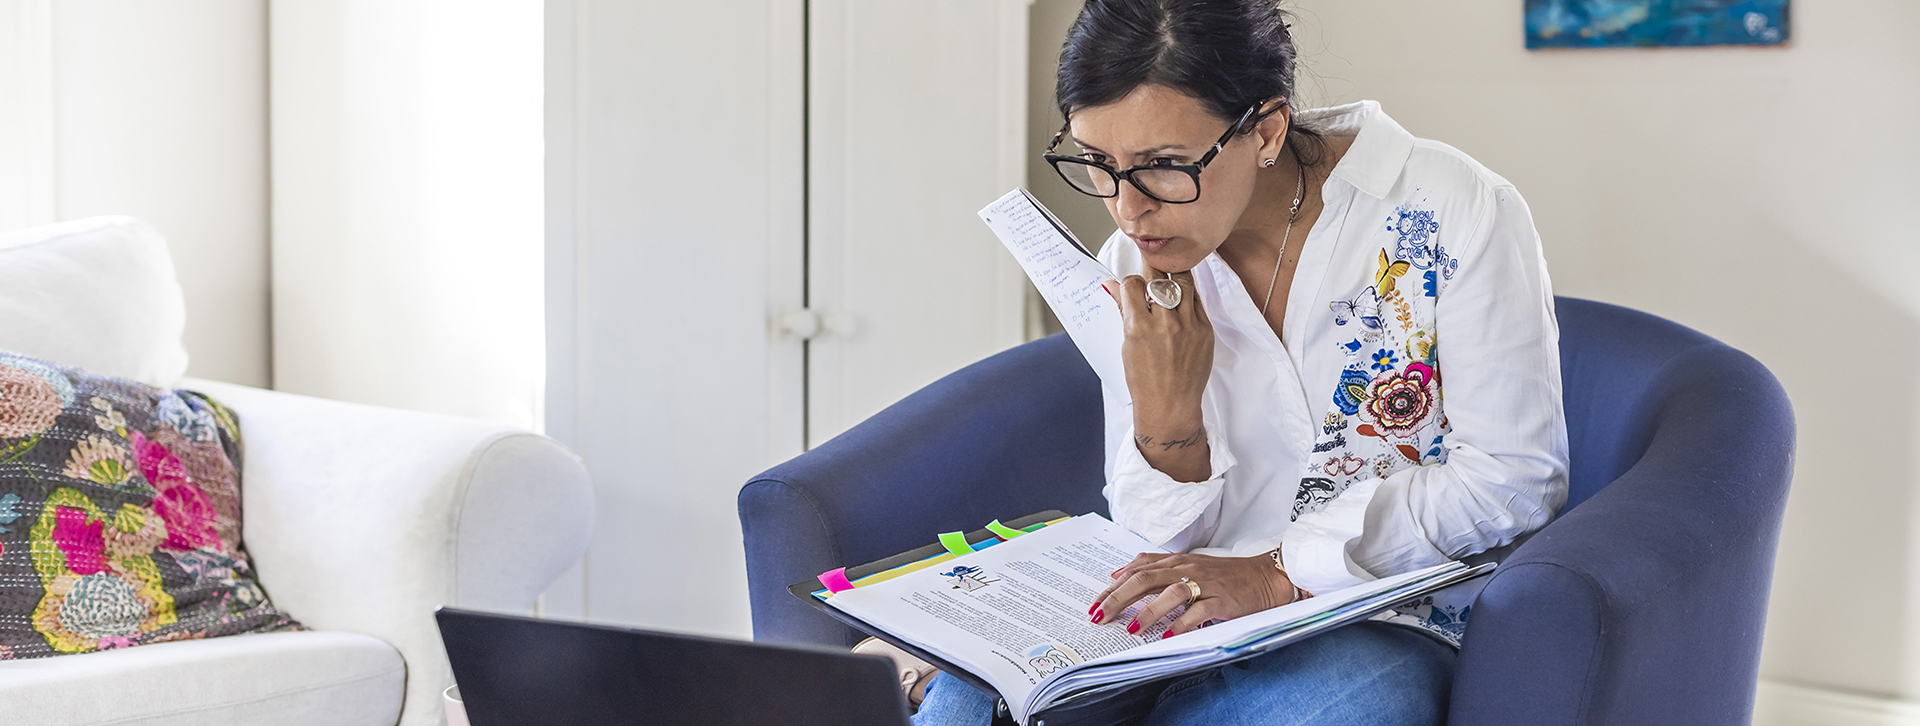 Starta företag - Kvinna sitter i fåtölj med en pärm och dator